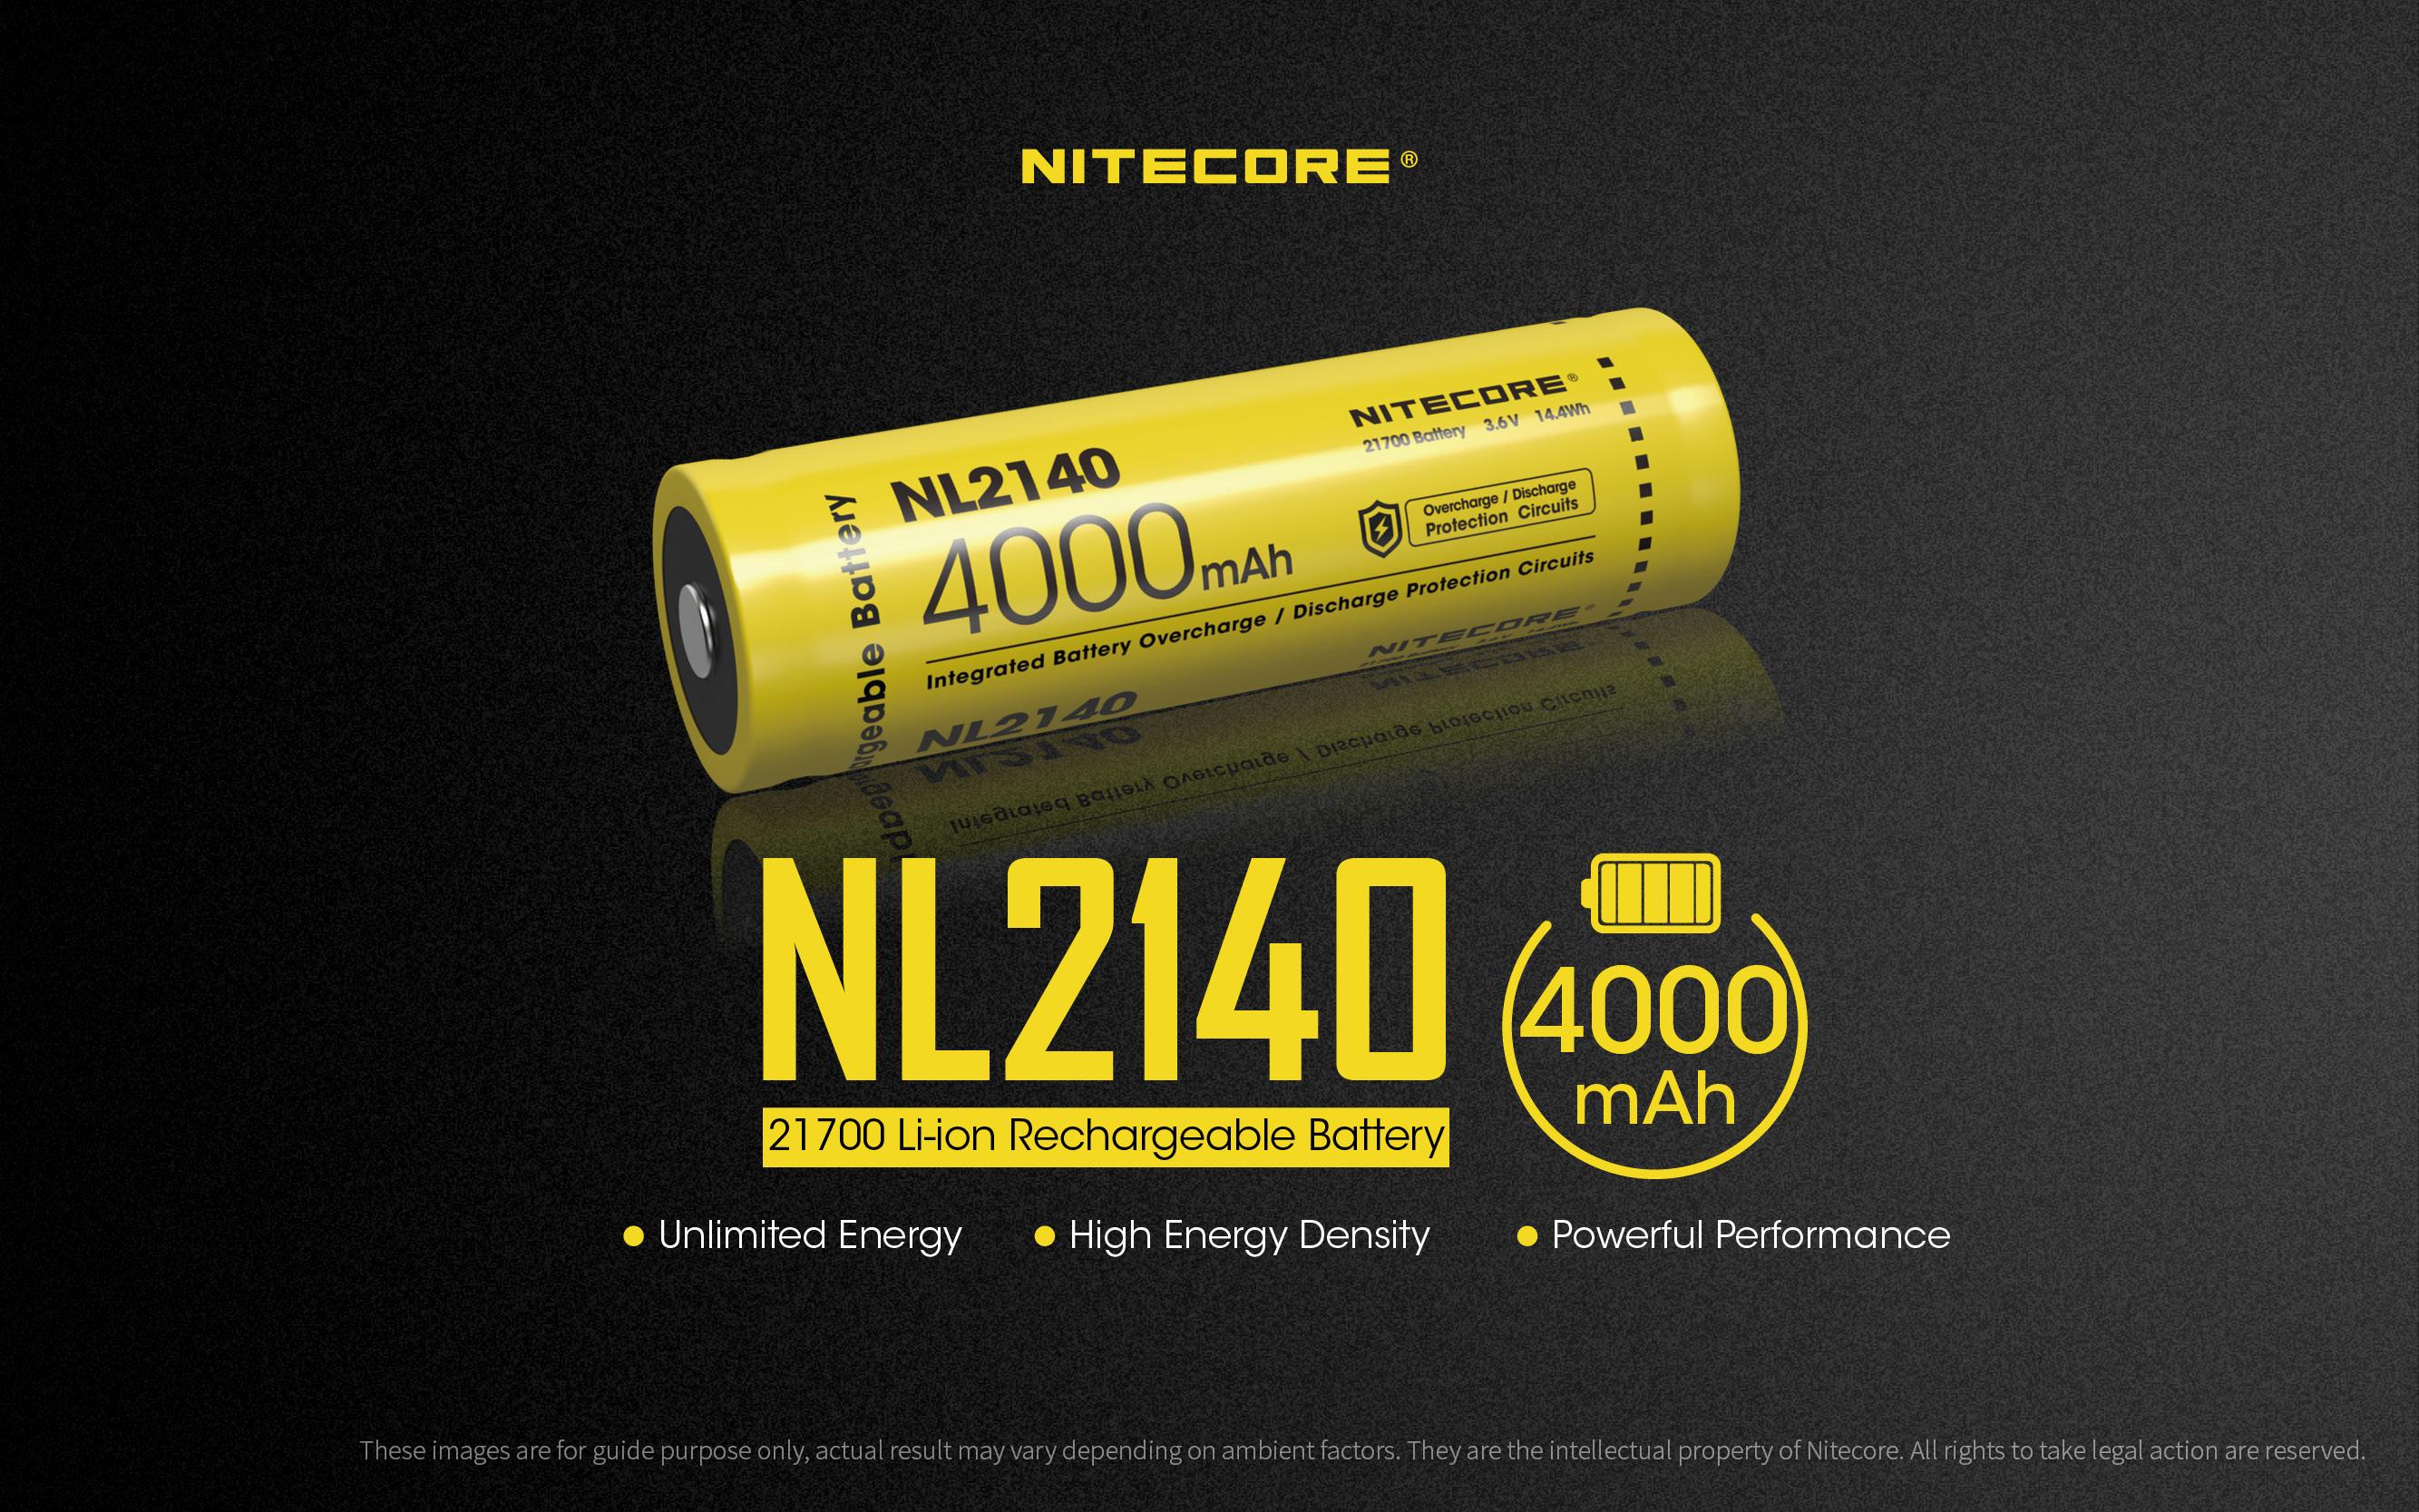 Nitecore NL2140 21700 4000mAh